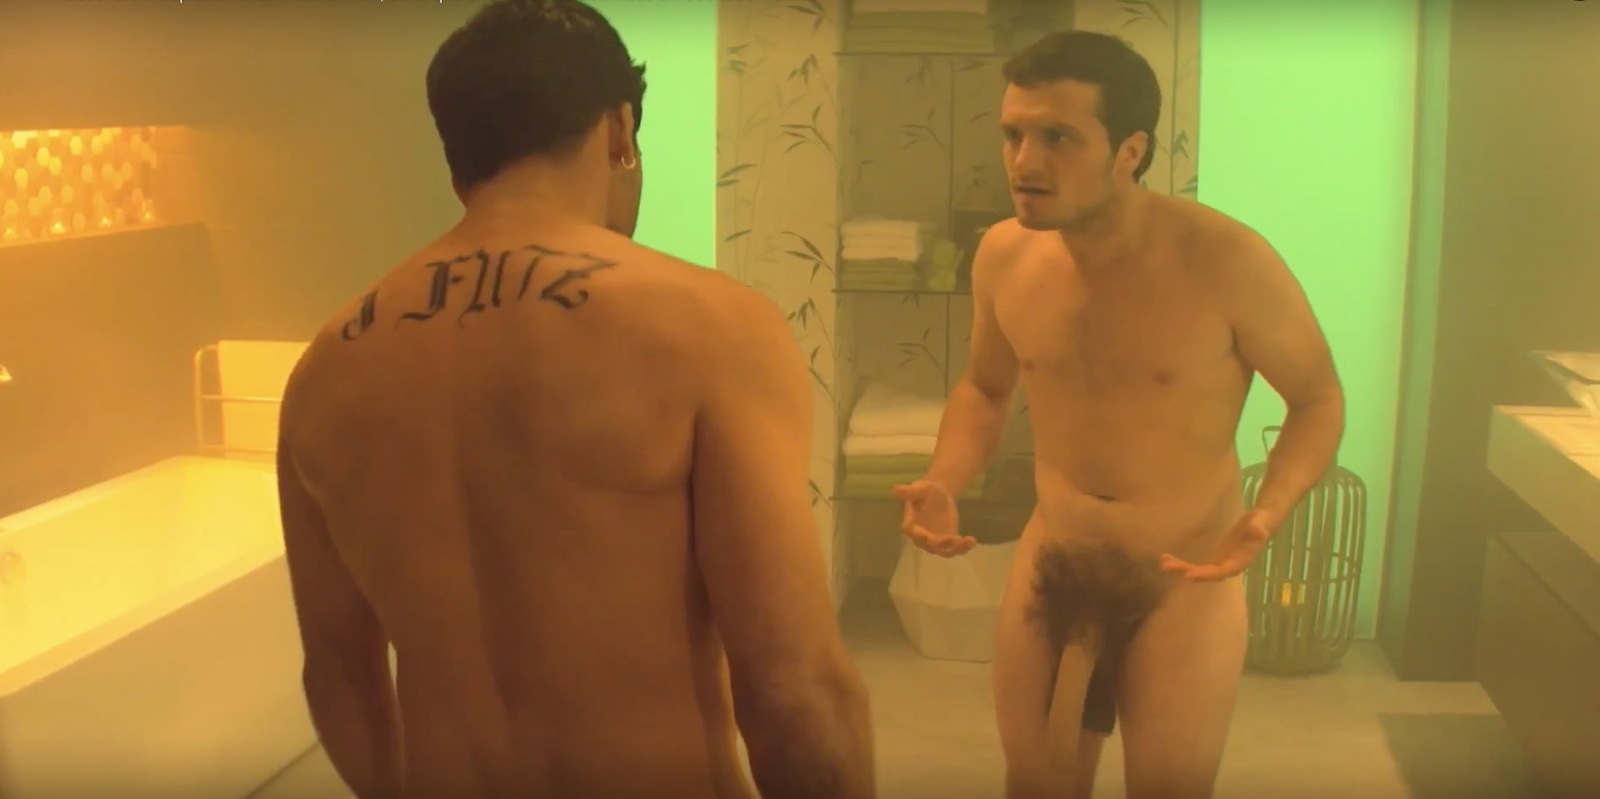 Actores Porno Hombres Desnudos famosos actores desnudos sin censura